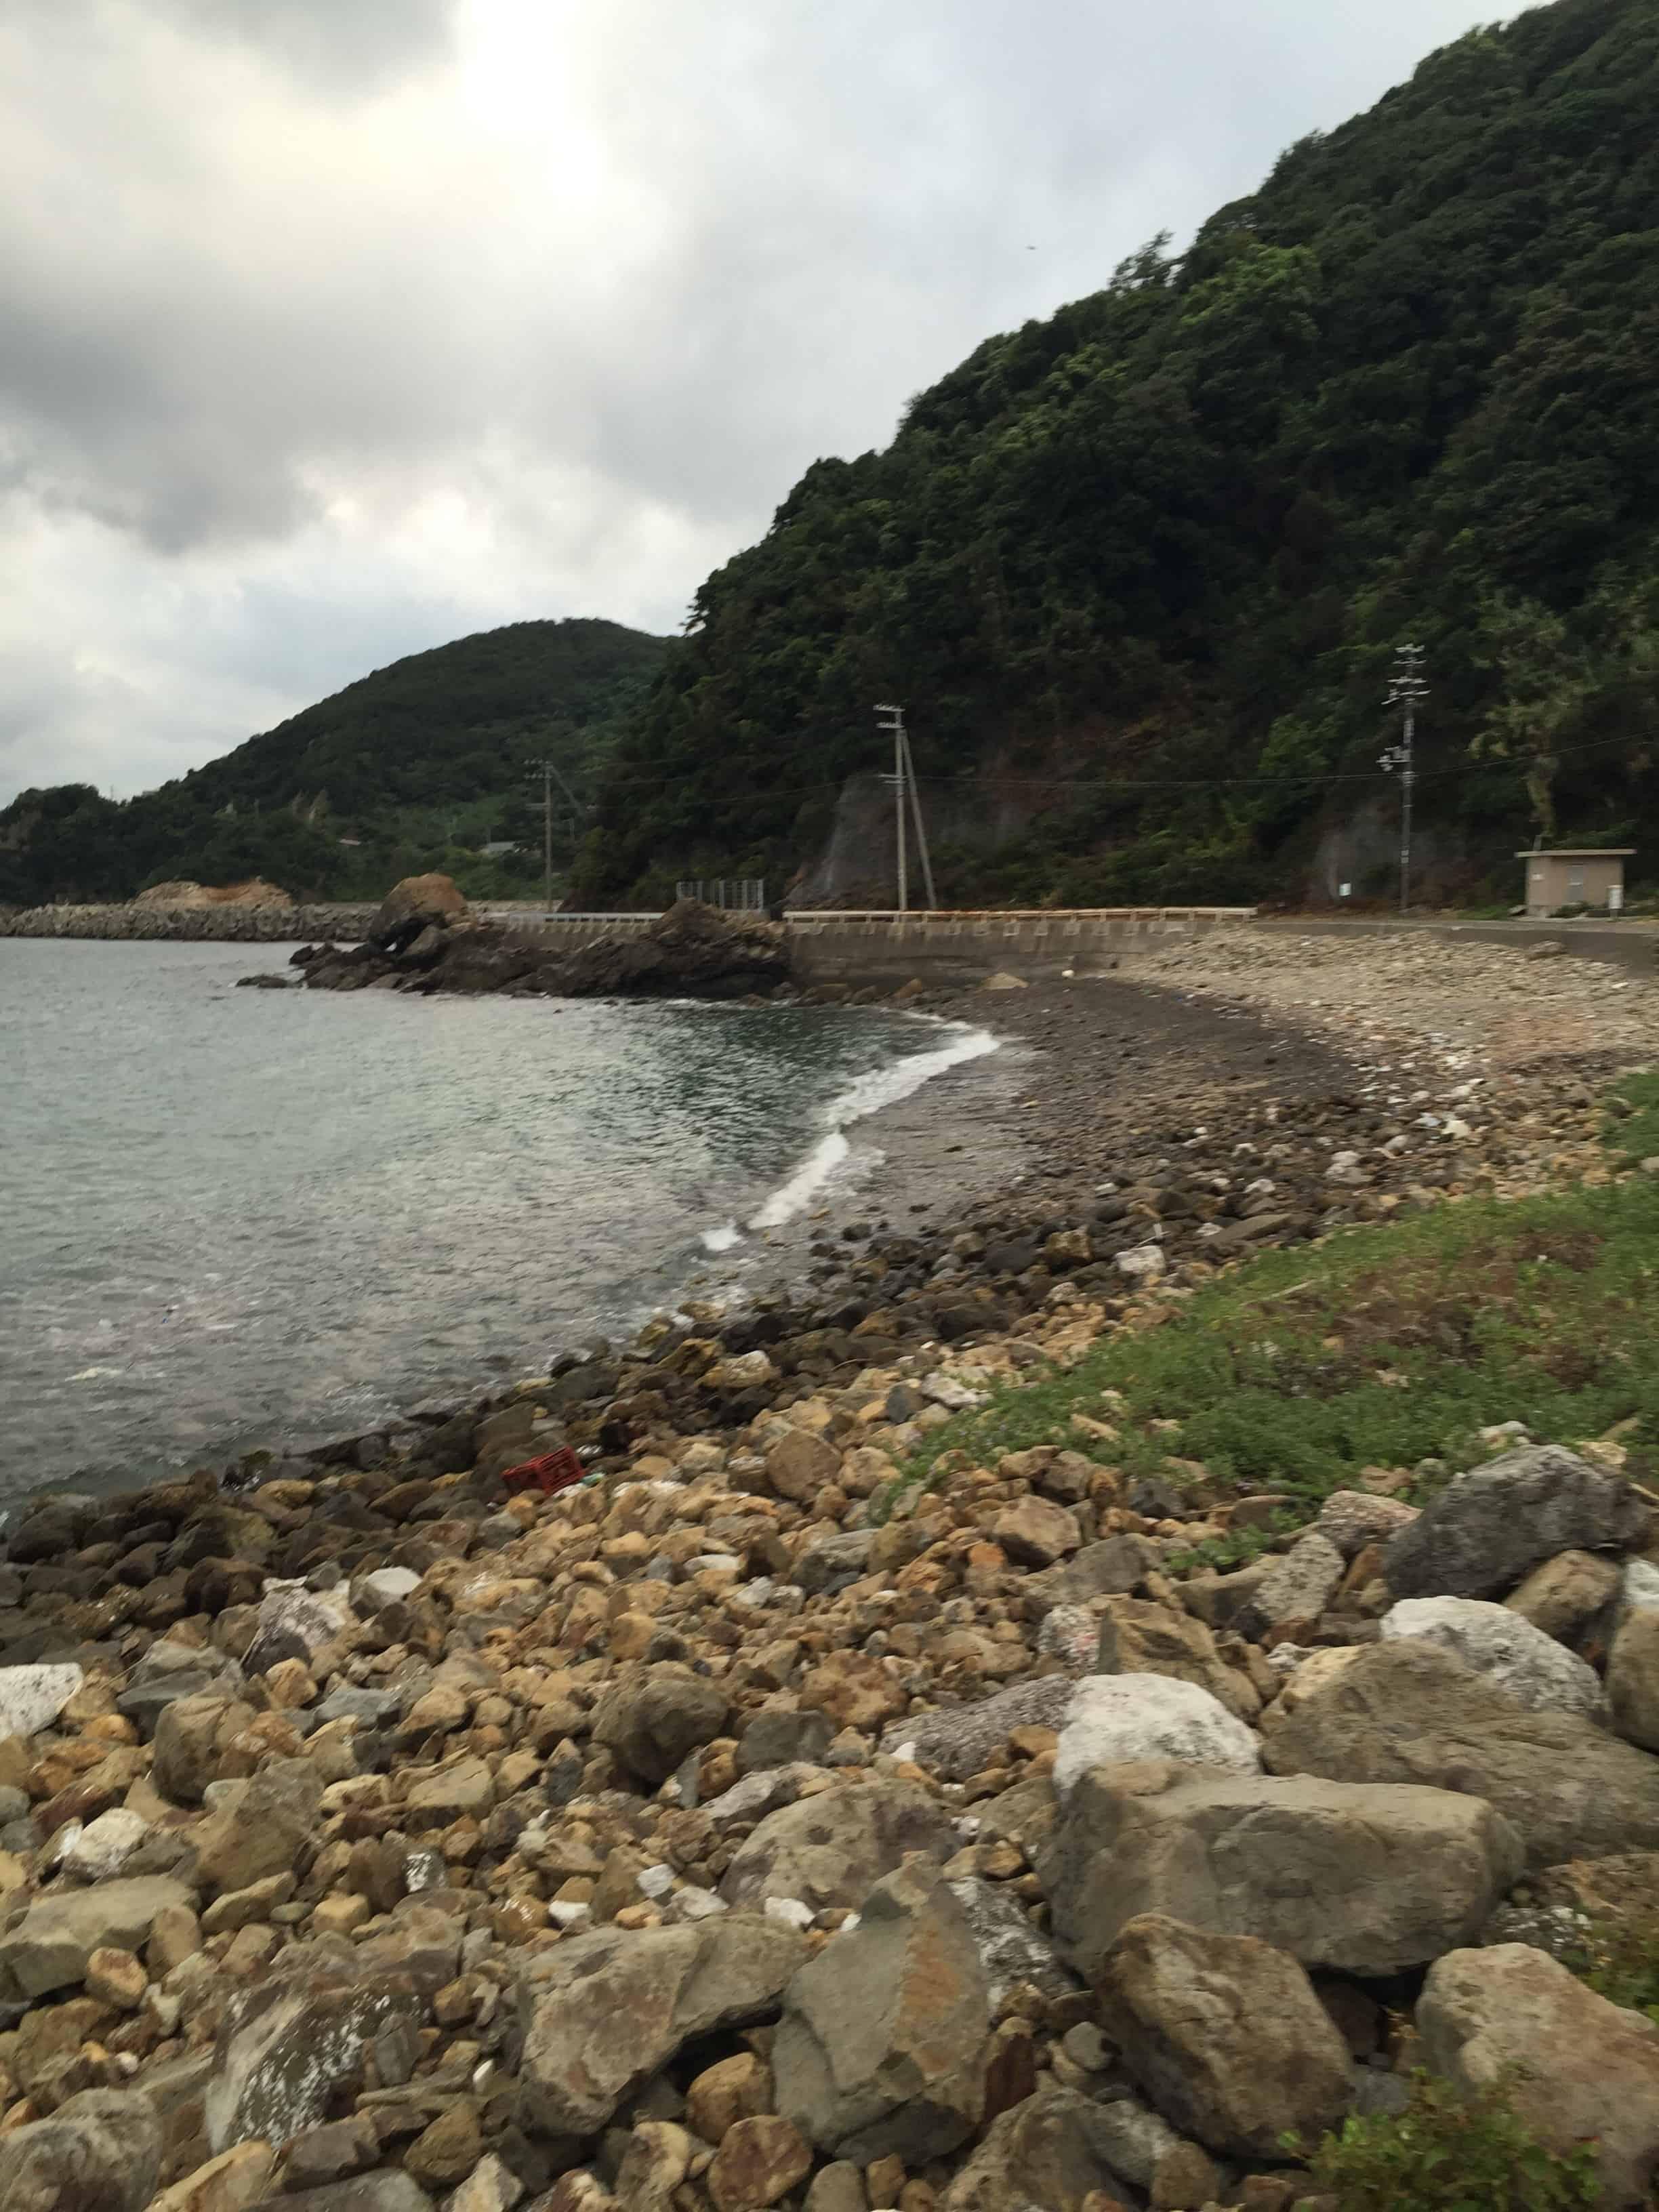 小引ゴロタ浜の釣り場紹介、和歌山県中紀にあるエギングにオススメのゴロタ浜と地磯